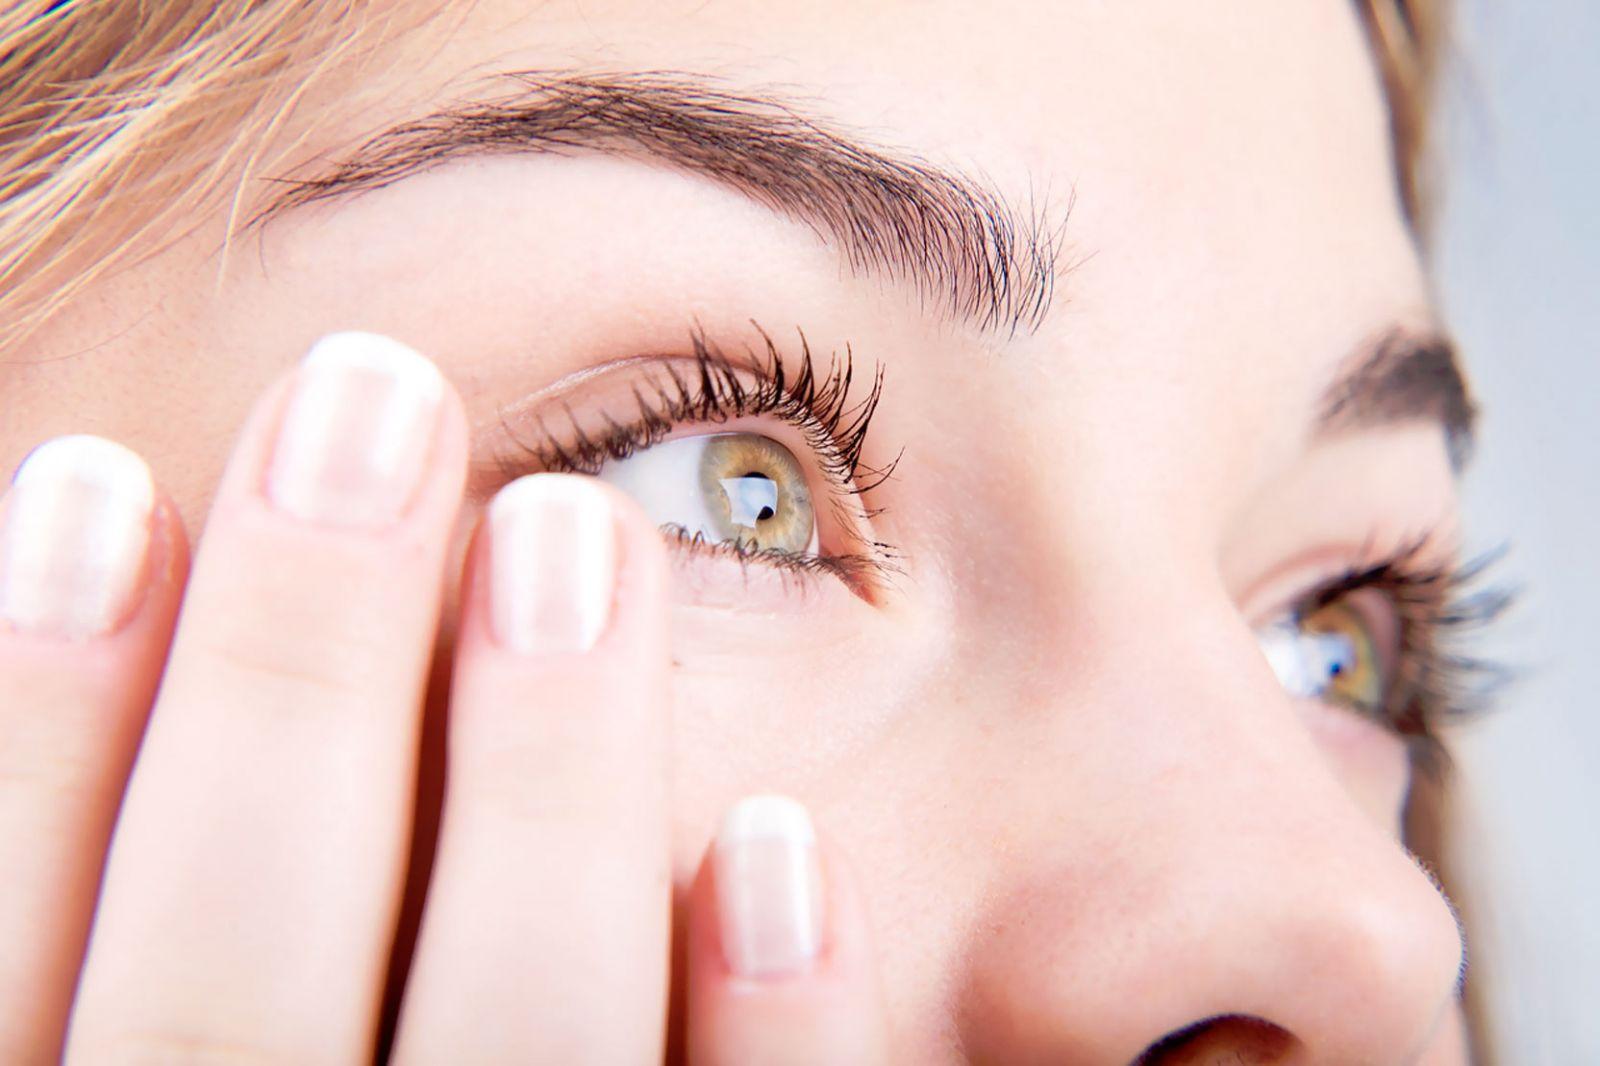 Аллергический конъюнктивит — аллергия глаз